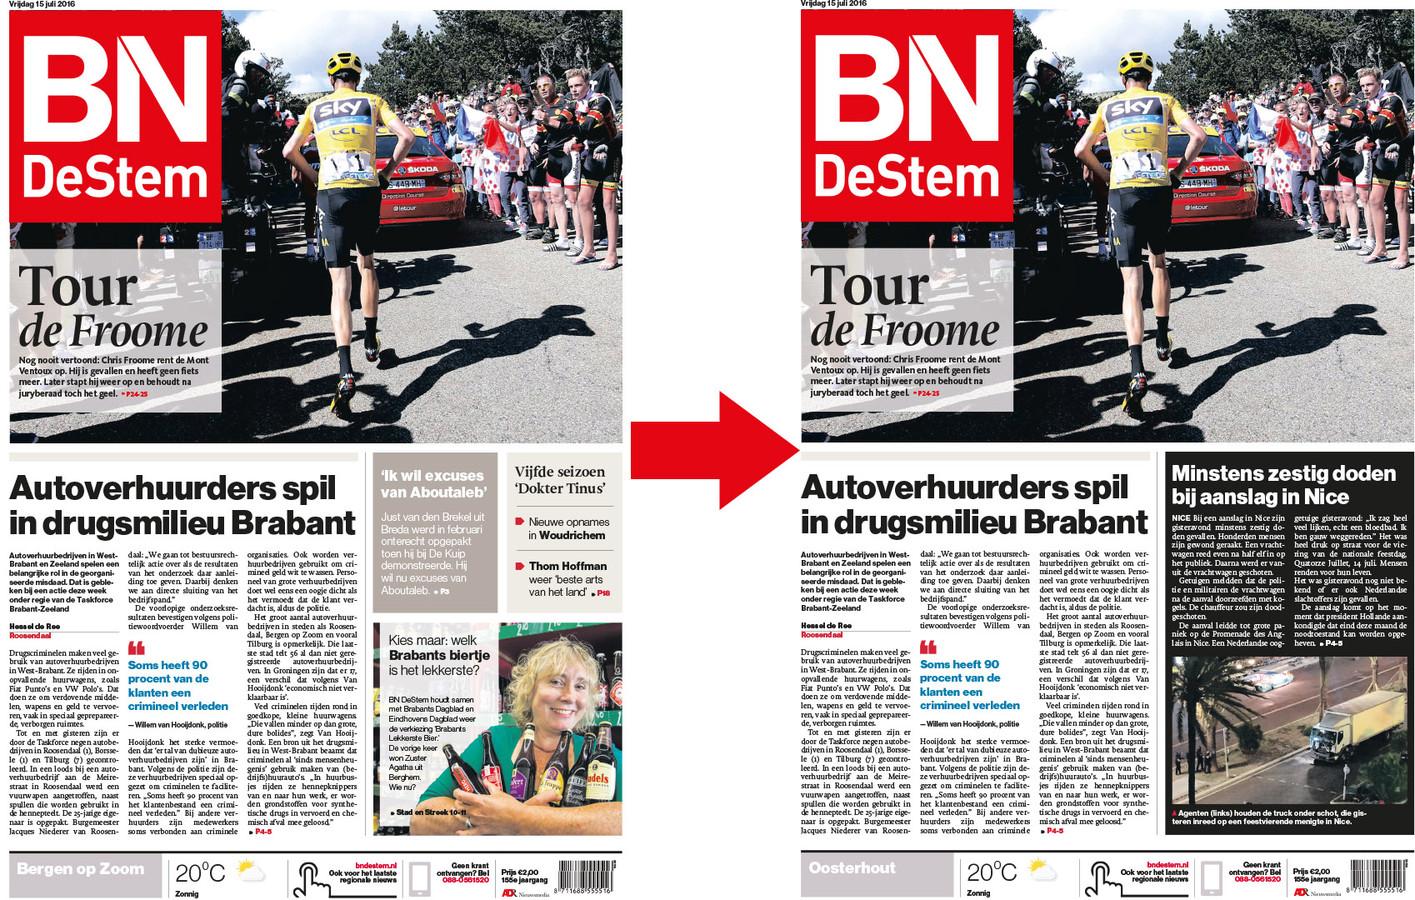 De voorpagina van 15 juli 2016 moest op het allerlaatste moment worden aangepast. De deadline was bijna verstreken, maar voor de laatste edities kon het nieuws over de aanslag in Nice nog prominent mee.